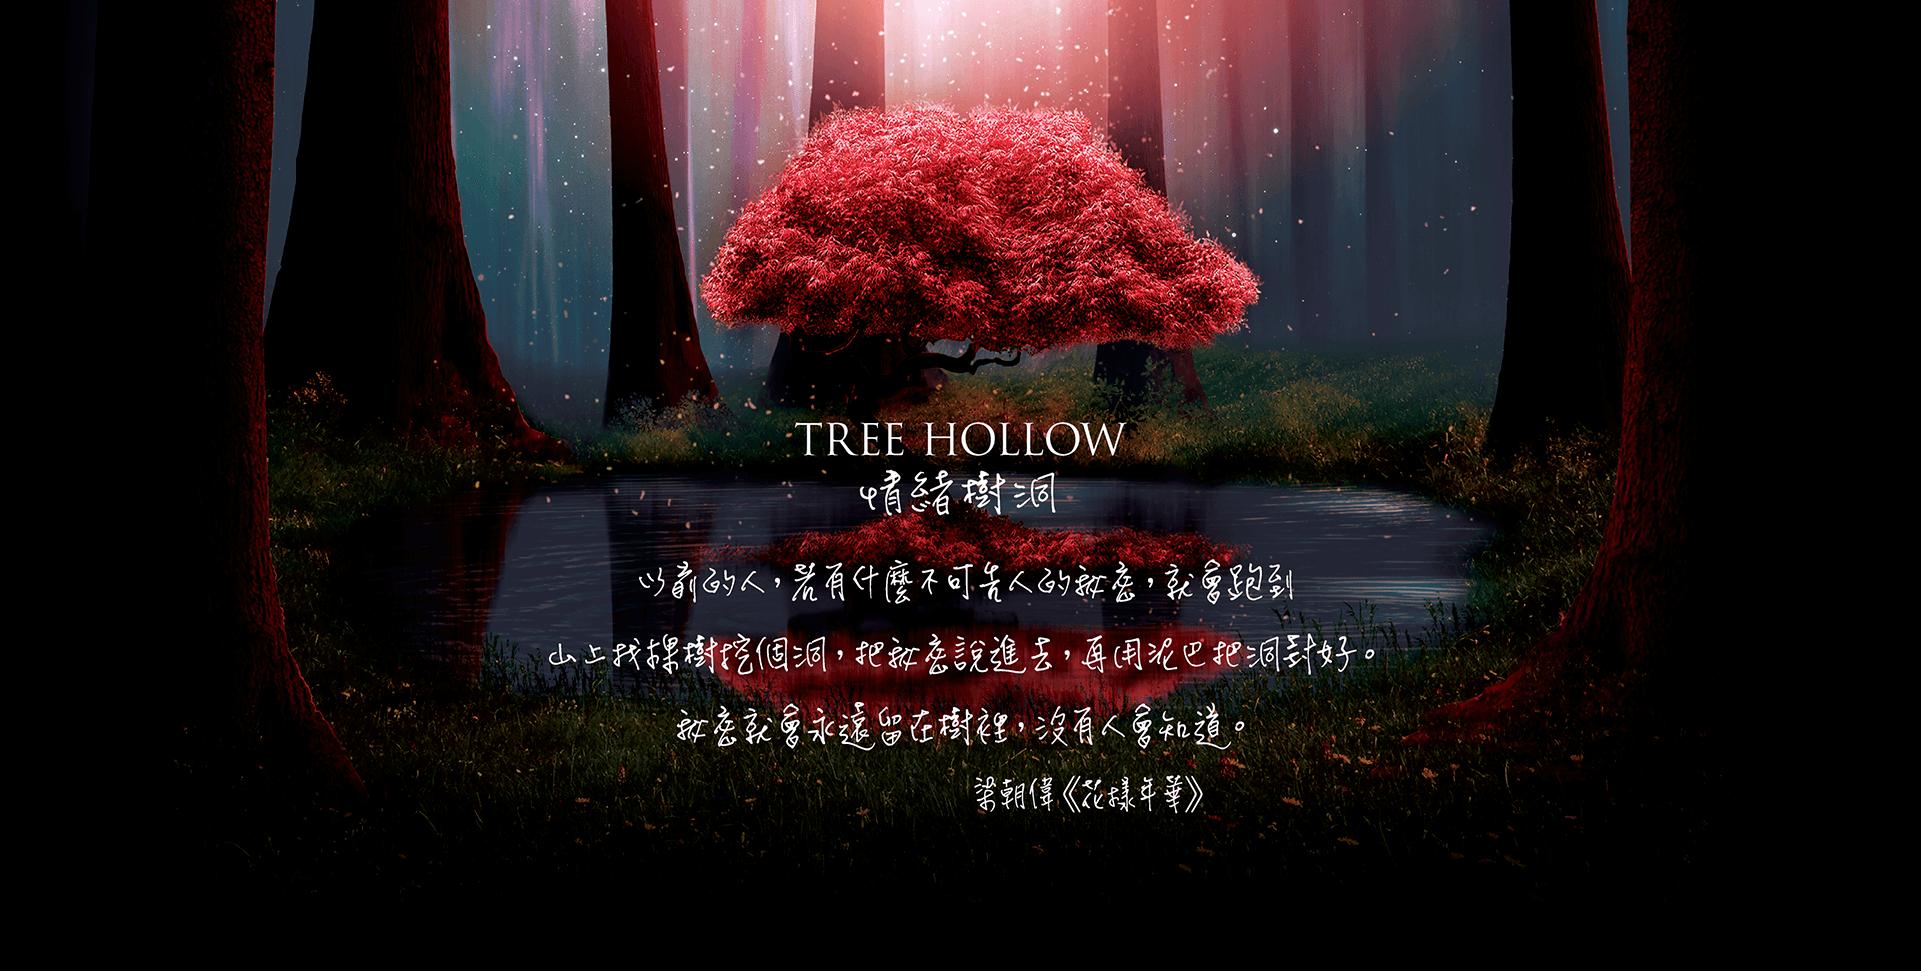 情緒樹洞 - 記錄情緒,埋藏秘密